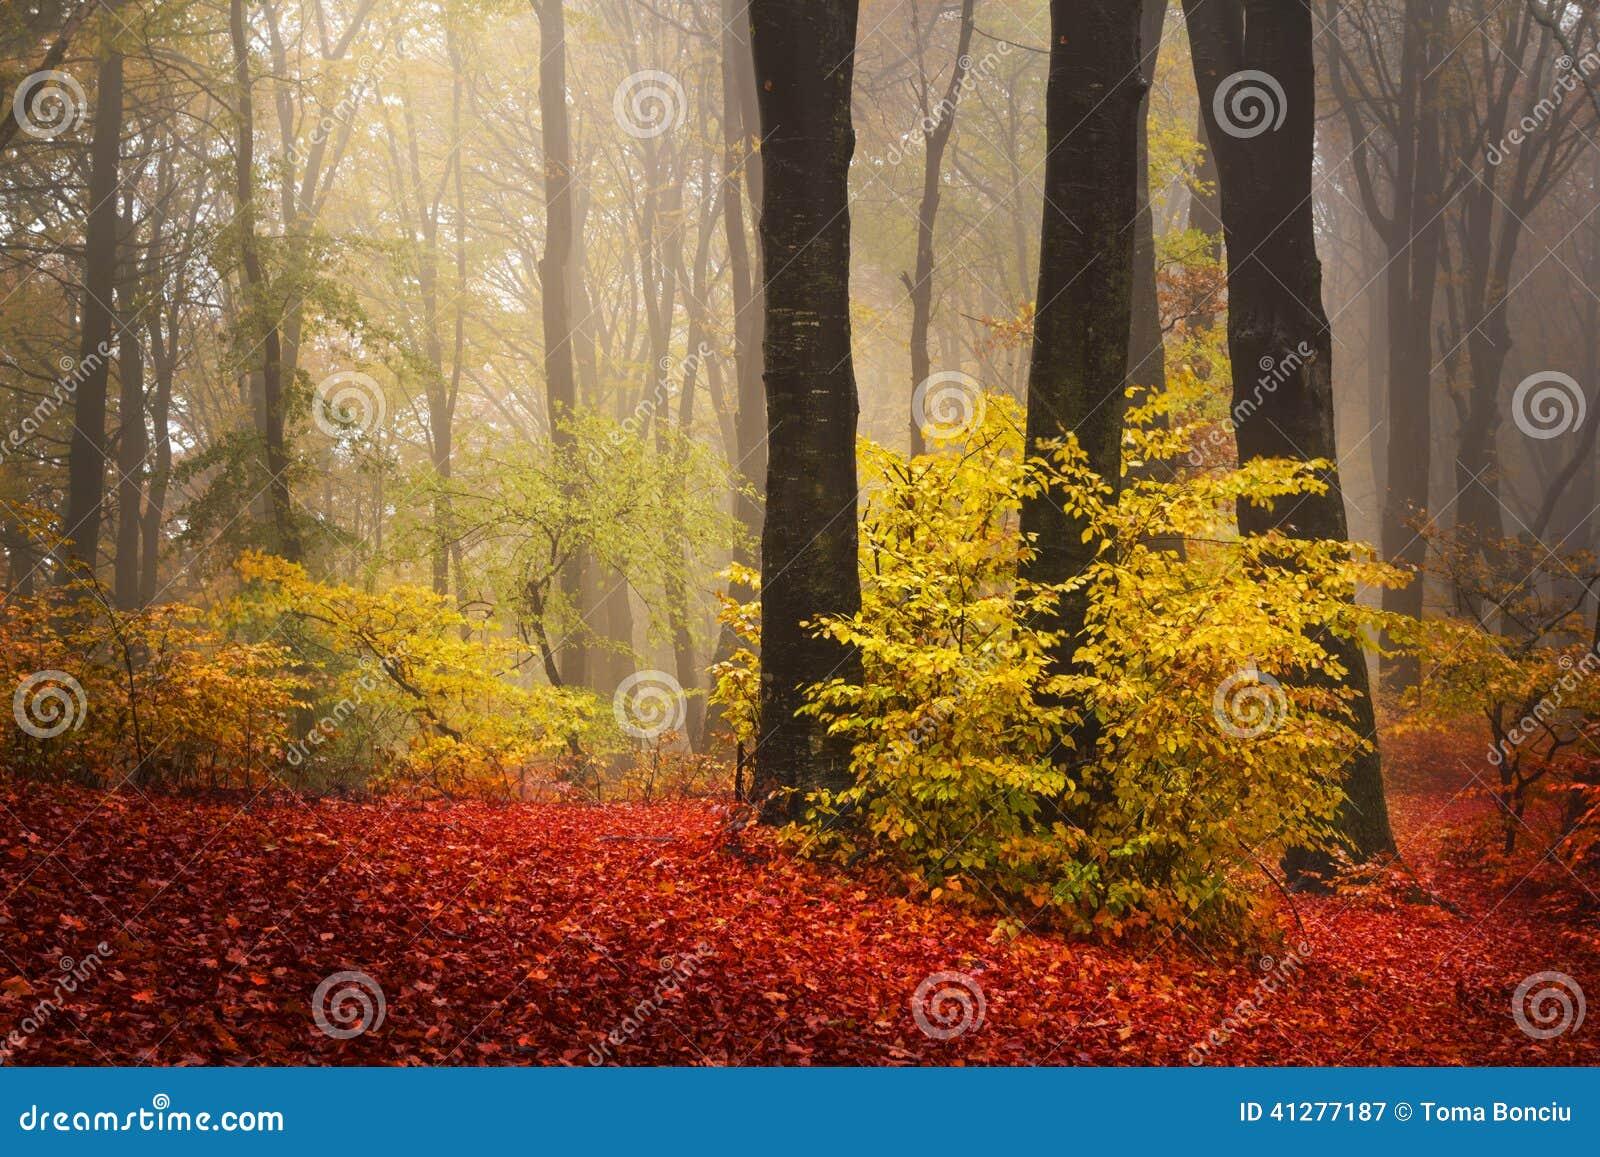 Rode bomen in het bos